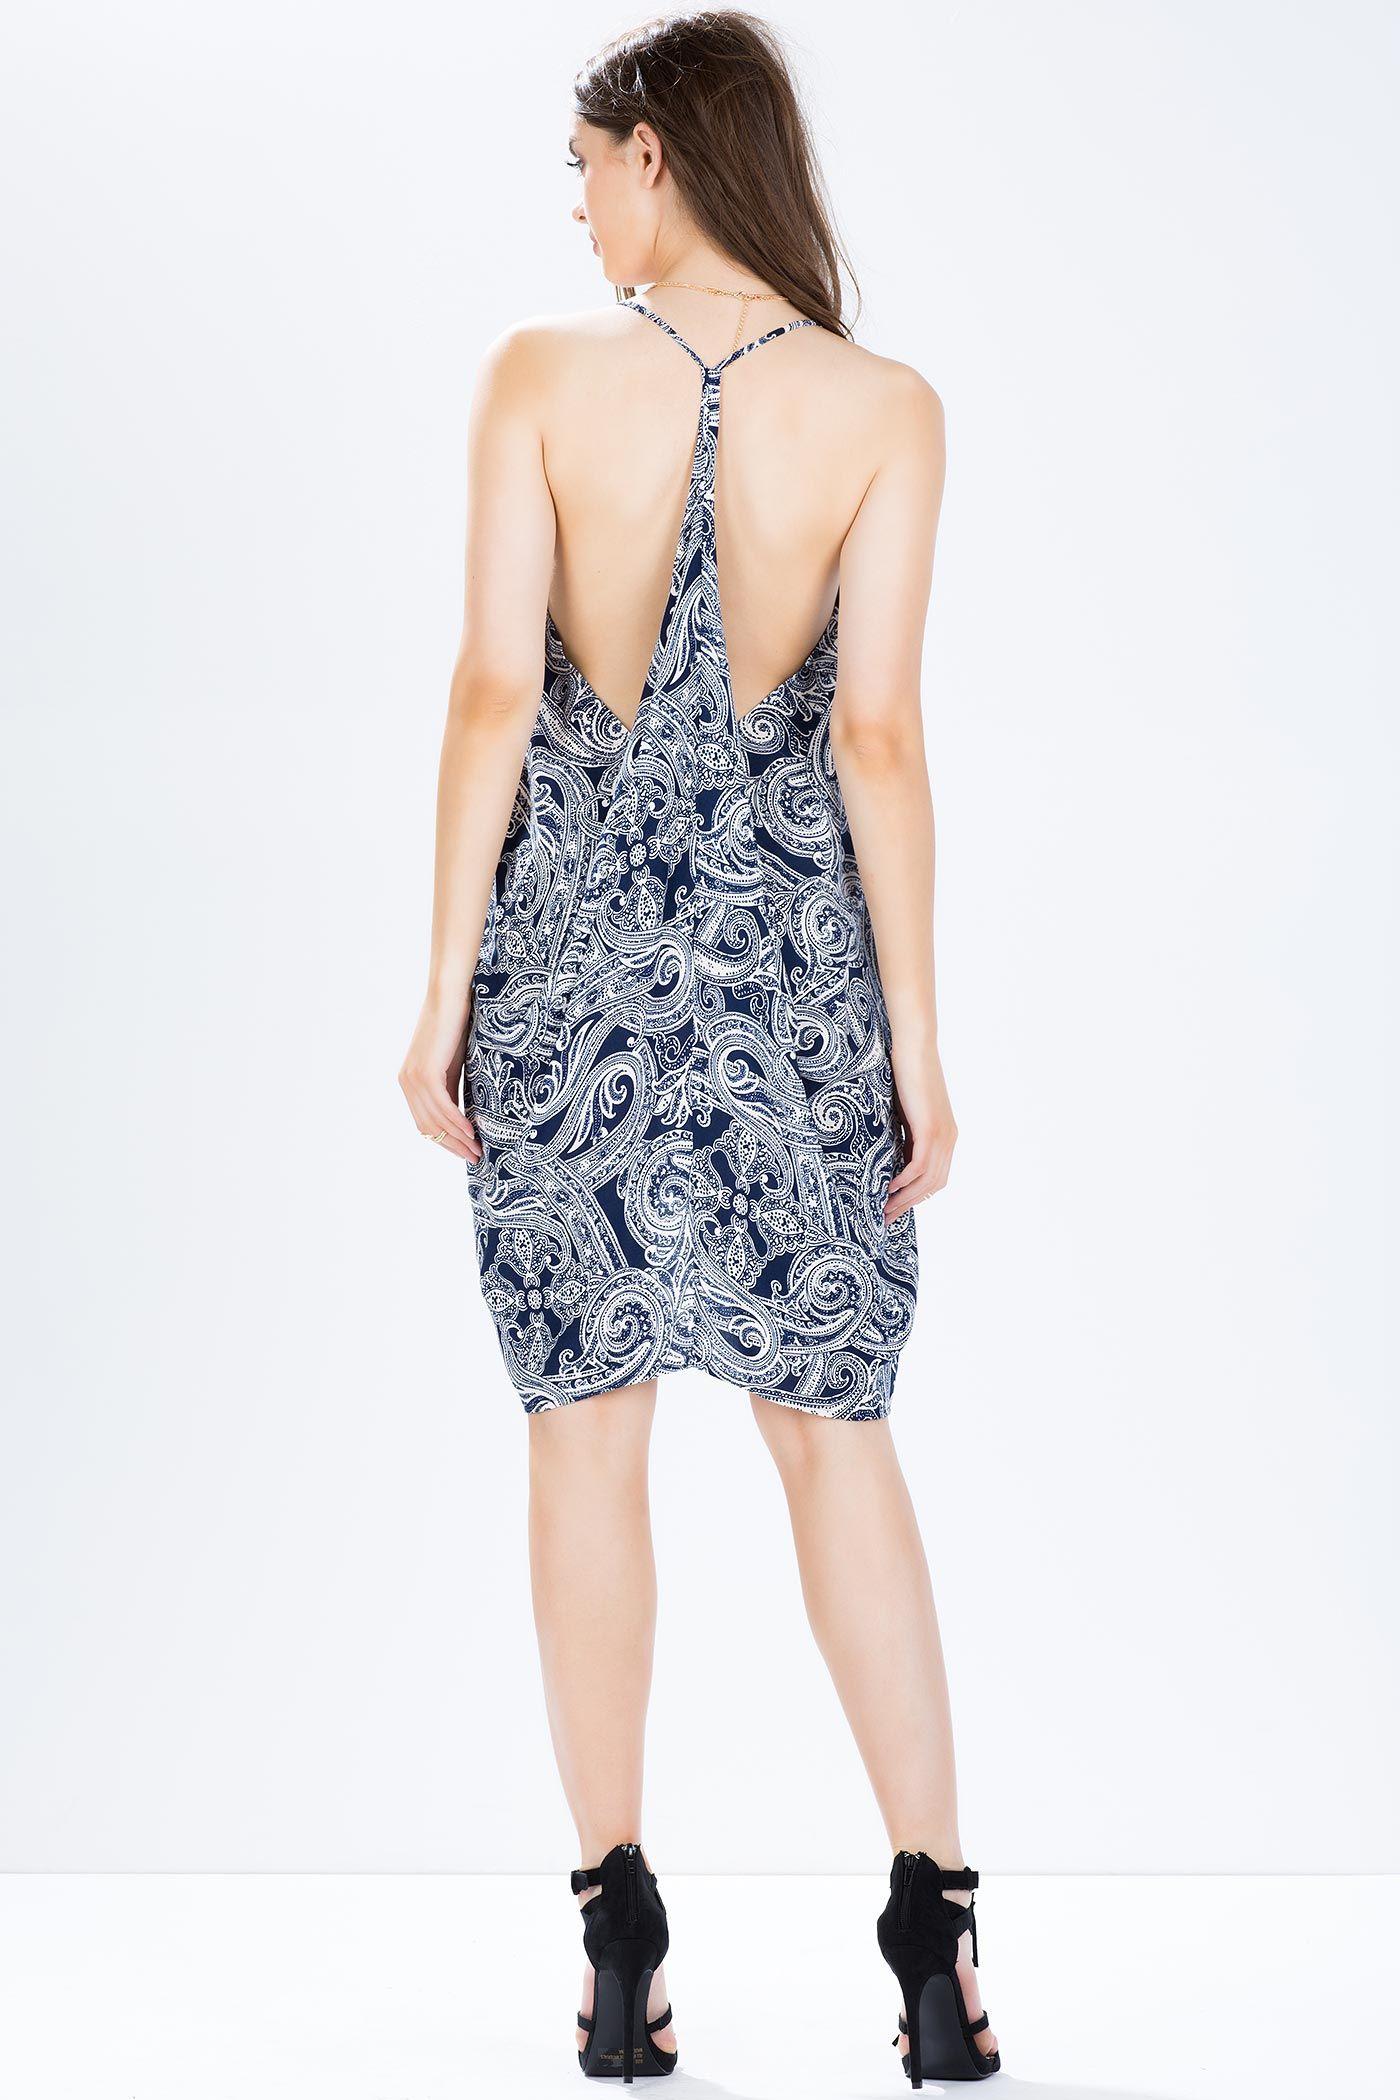 Платье с рюшками Размеры: S, M, L Цвет: синий с принтом Цена: 732 руб.  #одежда #женщинам #платья #коопт